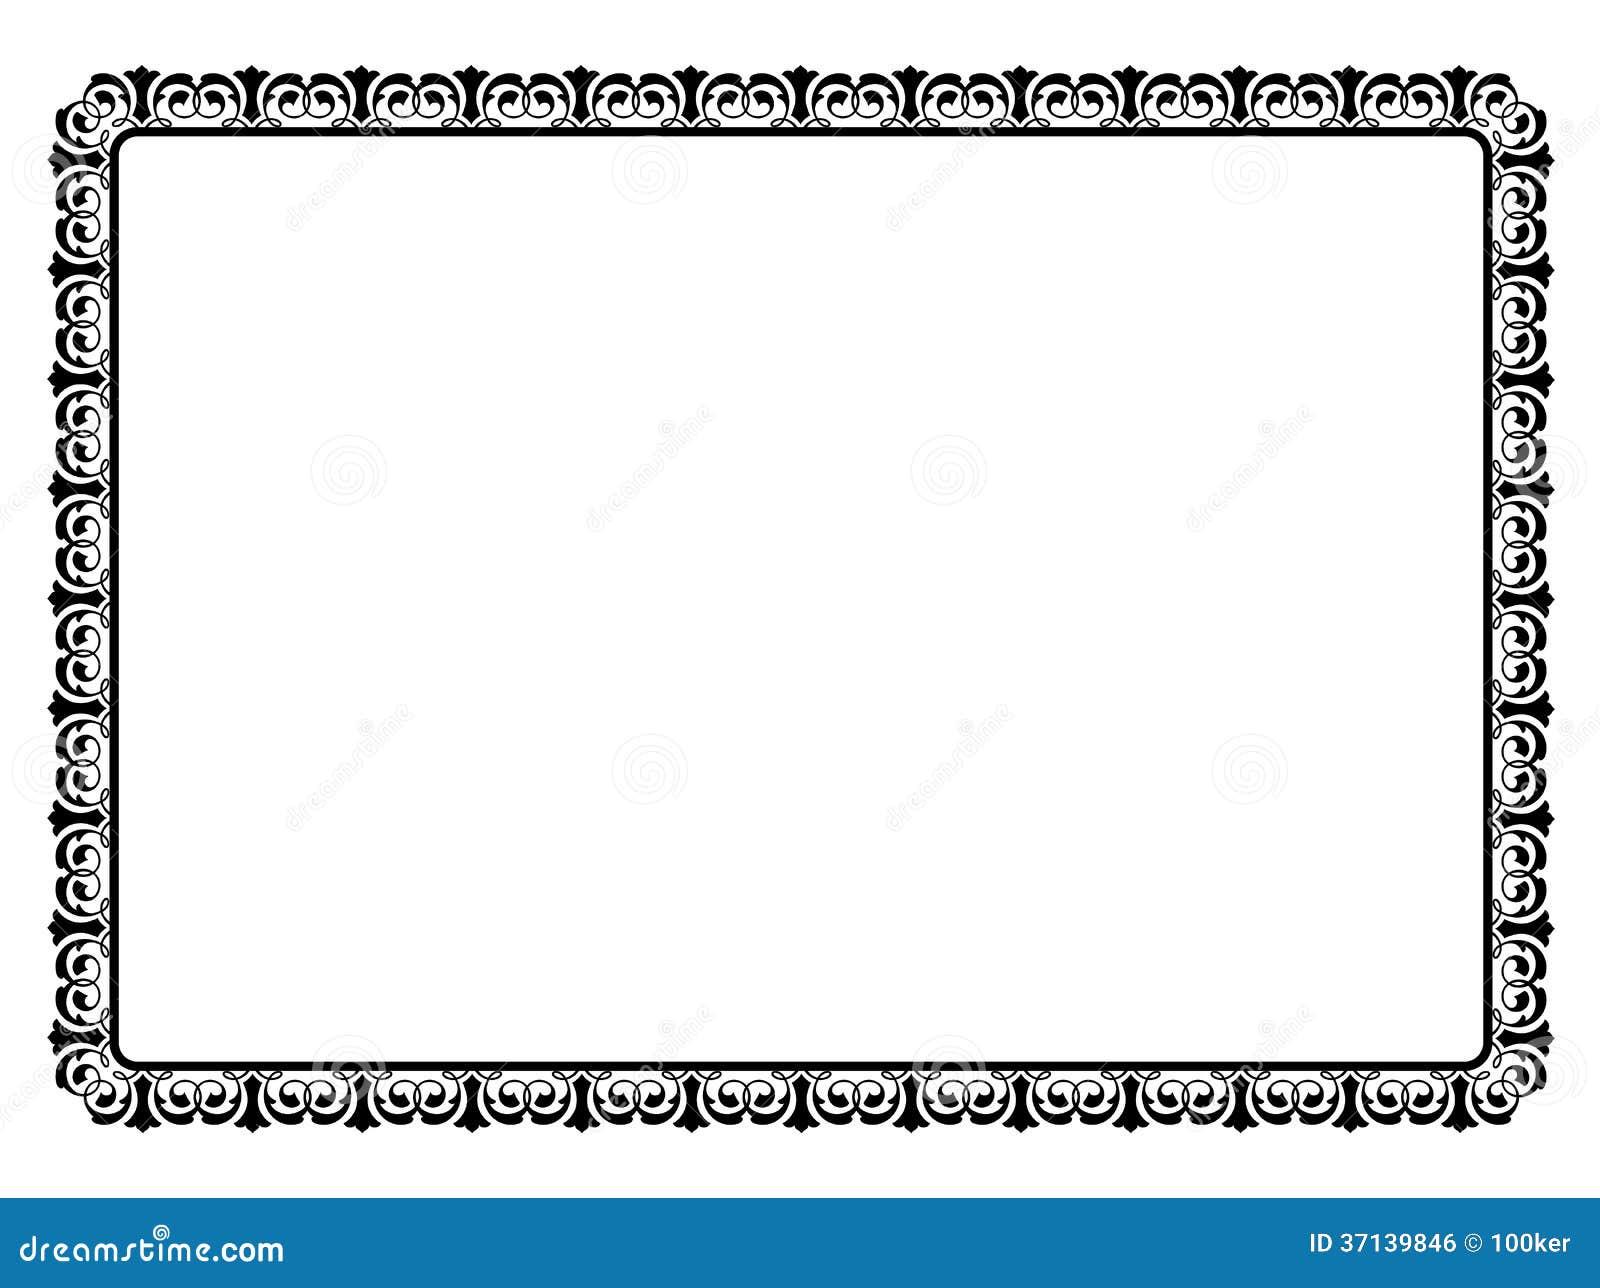 cadre d coratif ornemental noir simple image libre de droits image 37139846. Black Bedroom Furniture Sets. Home Design Ideas